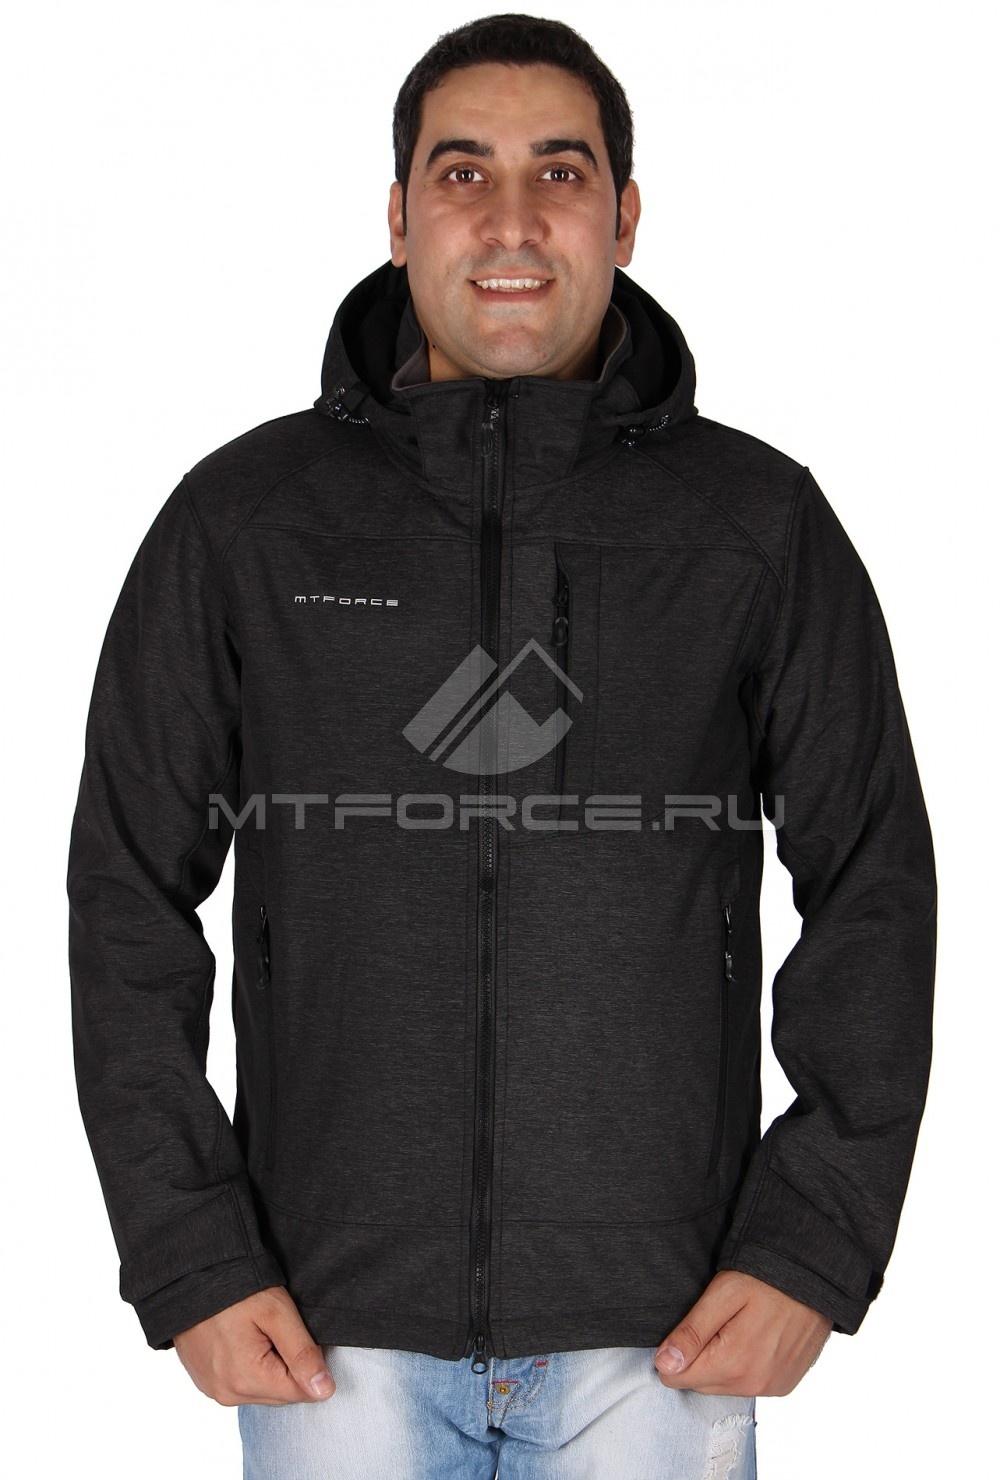 Купить                                  оптом Ветровка - виндстоппер мужская темно-серого цвета 1636TC